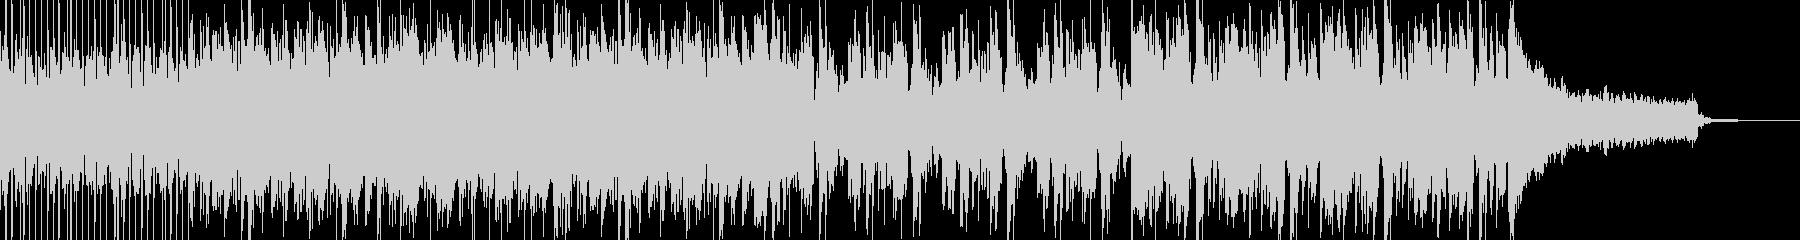 オープニング系エレクトロミュージックの未再生の波形